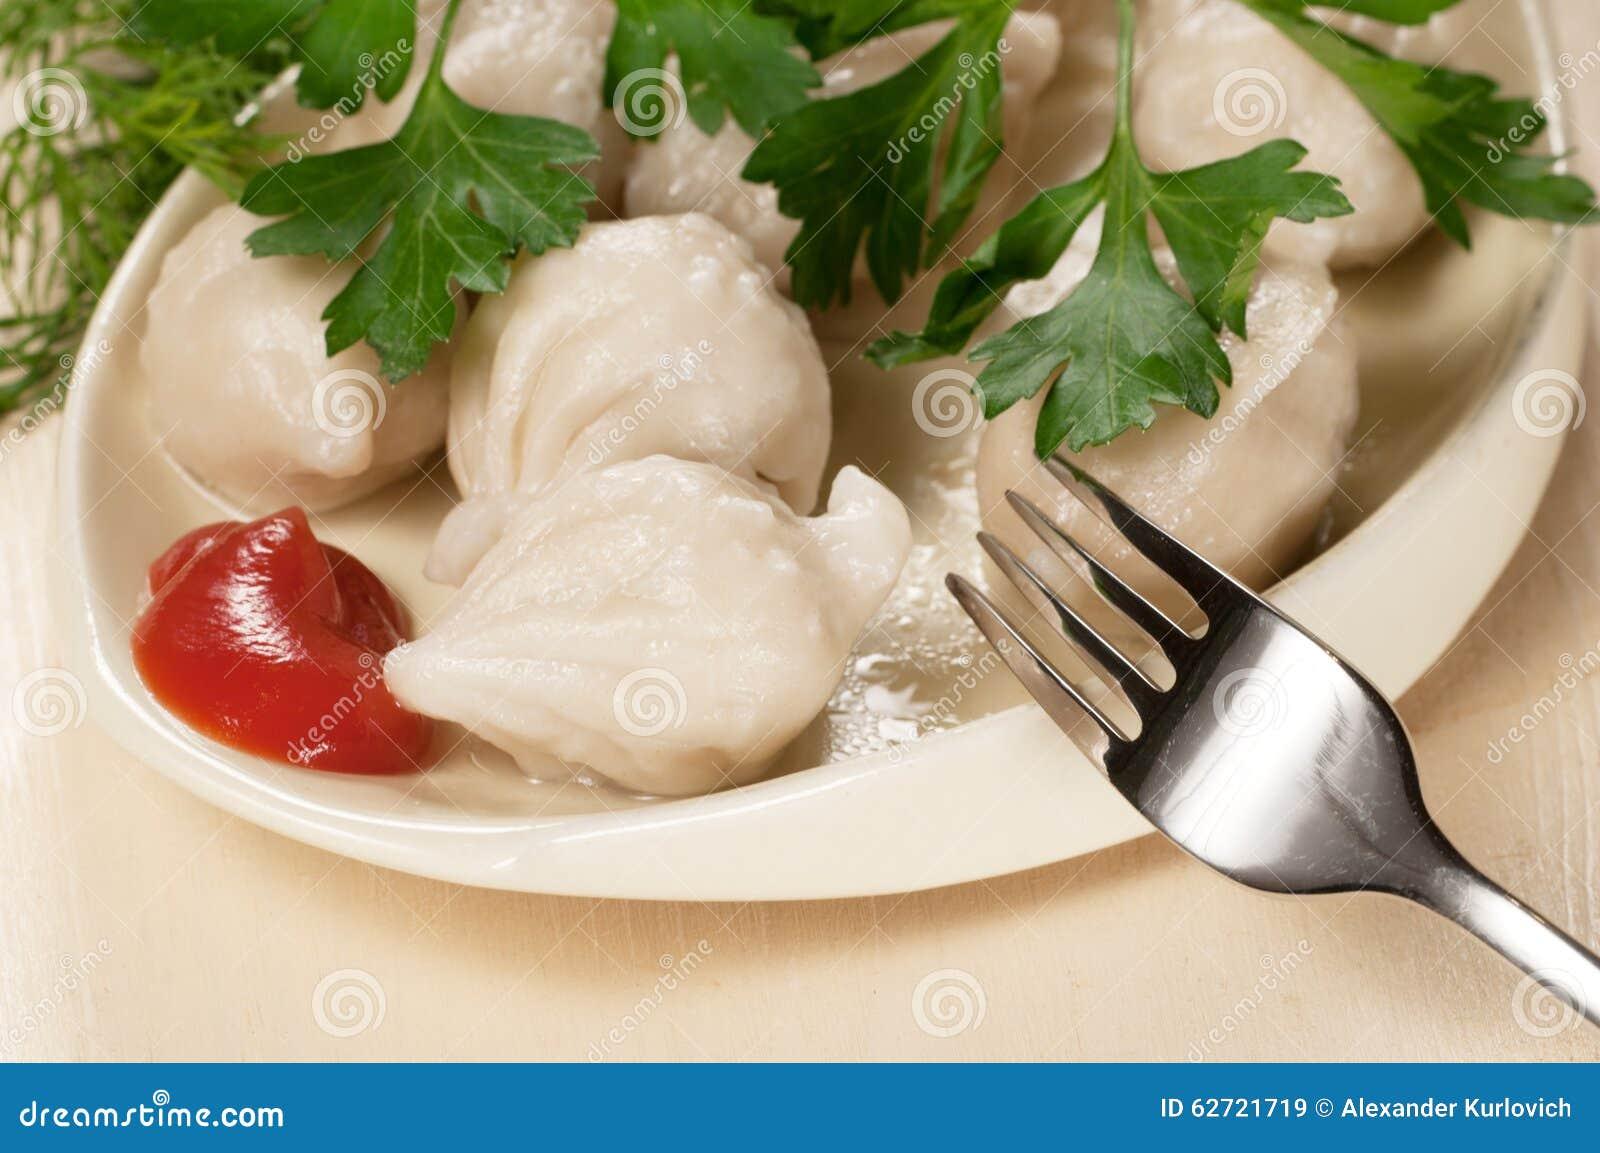 Μπουλέττες κρέατος (pelmeni)